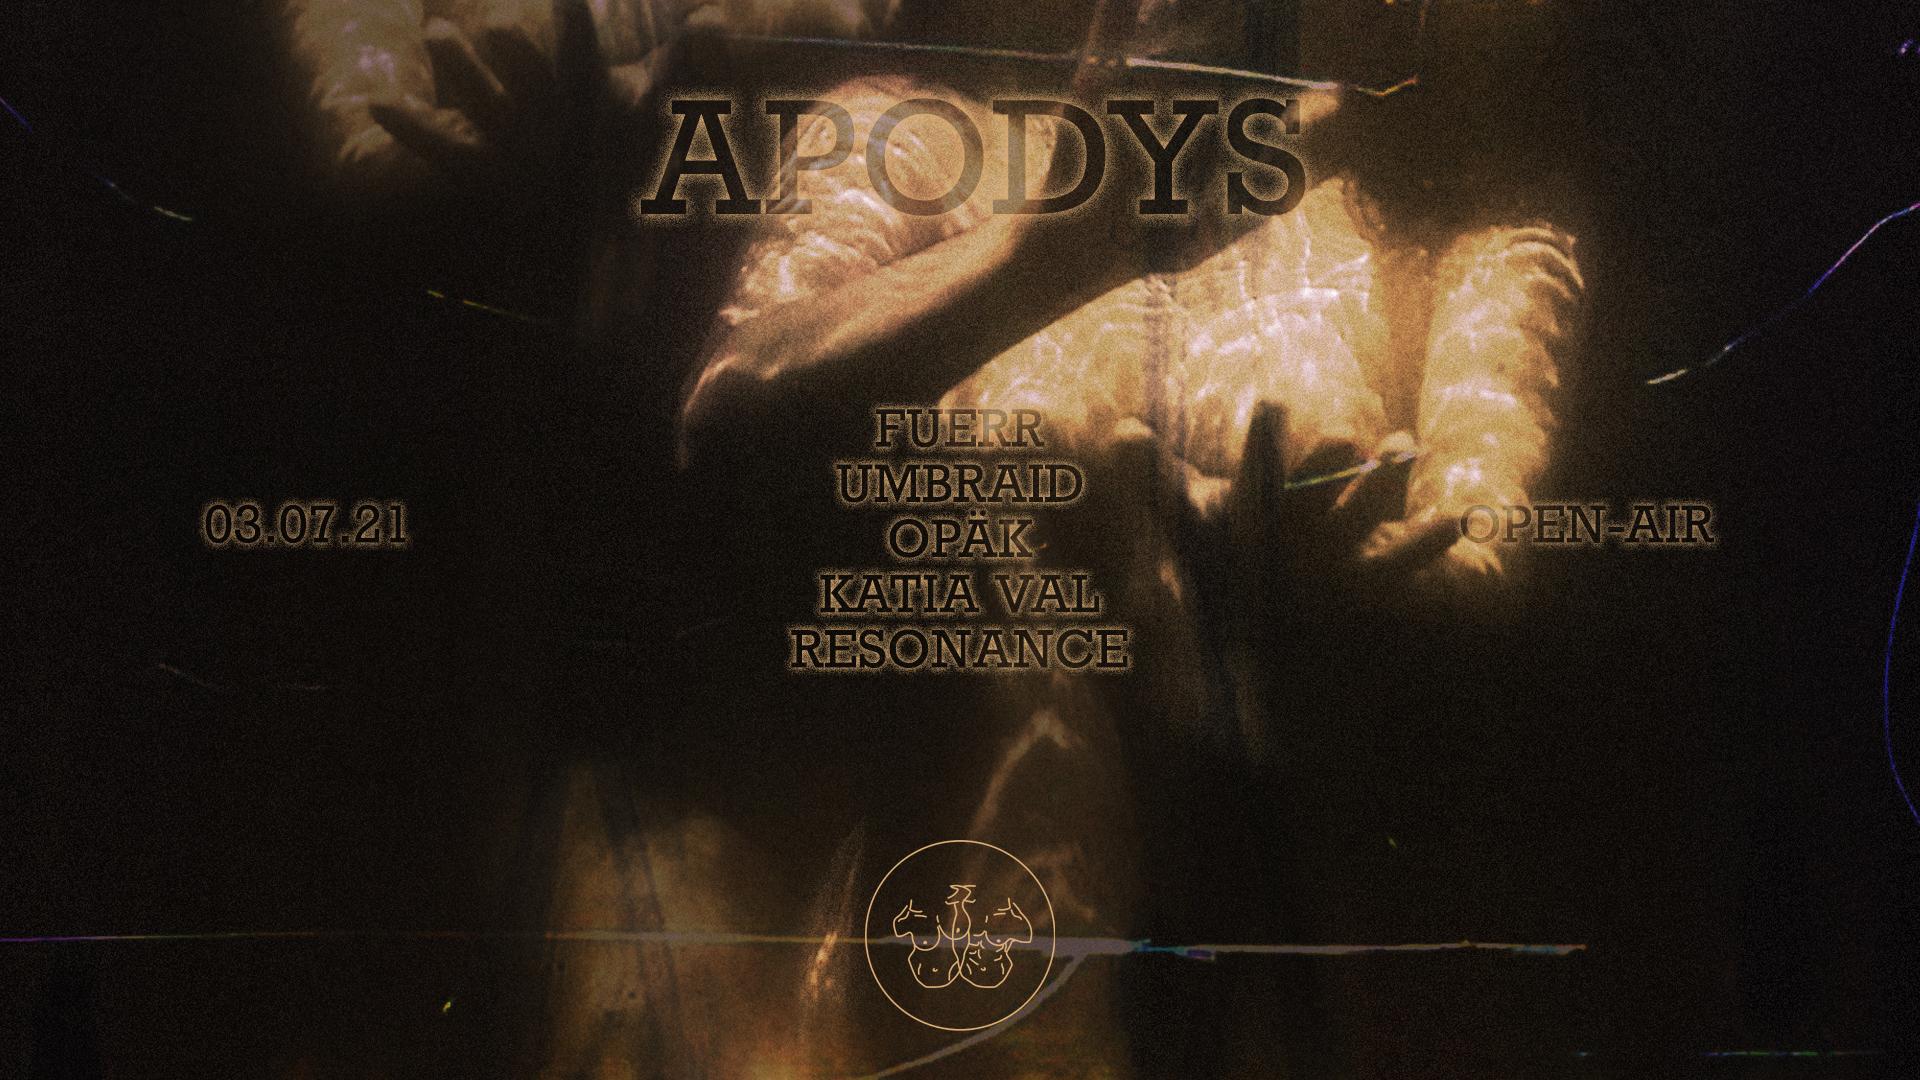 Apodys